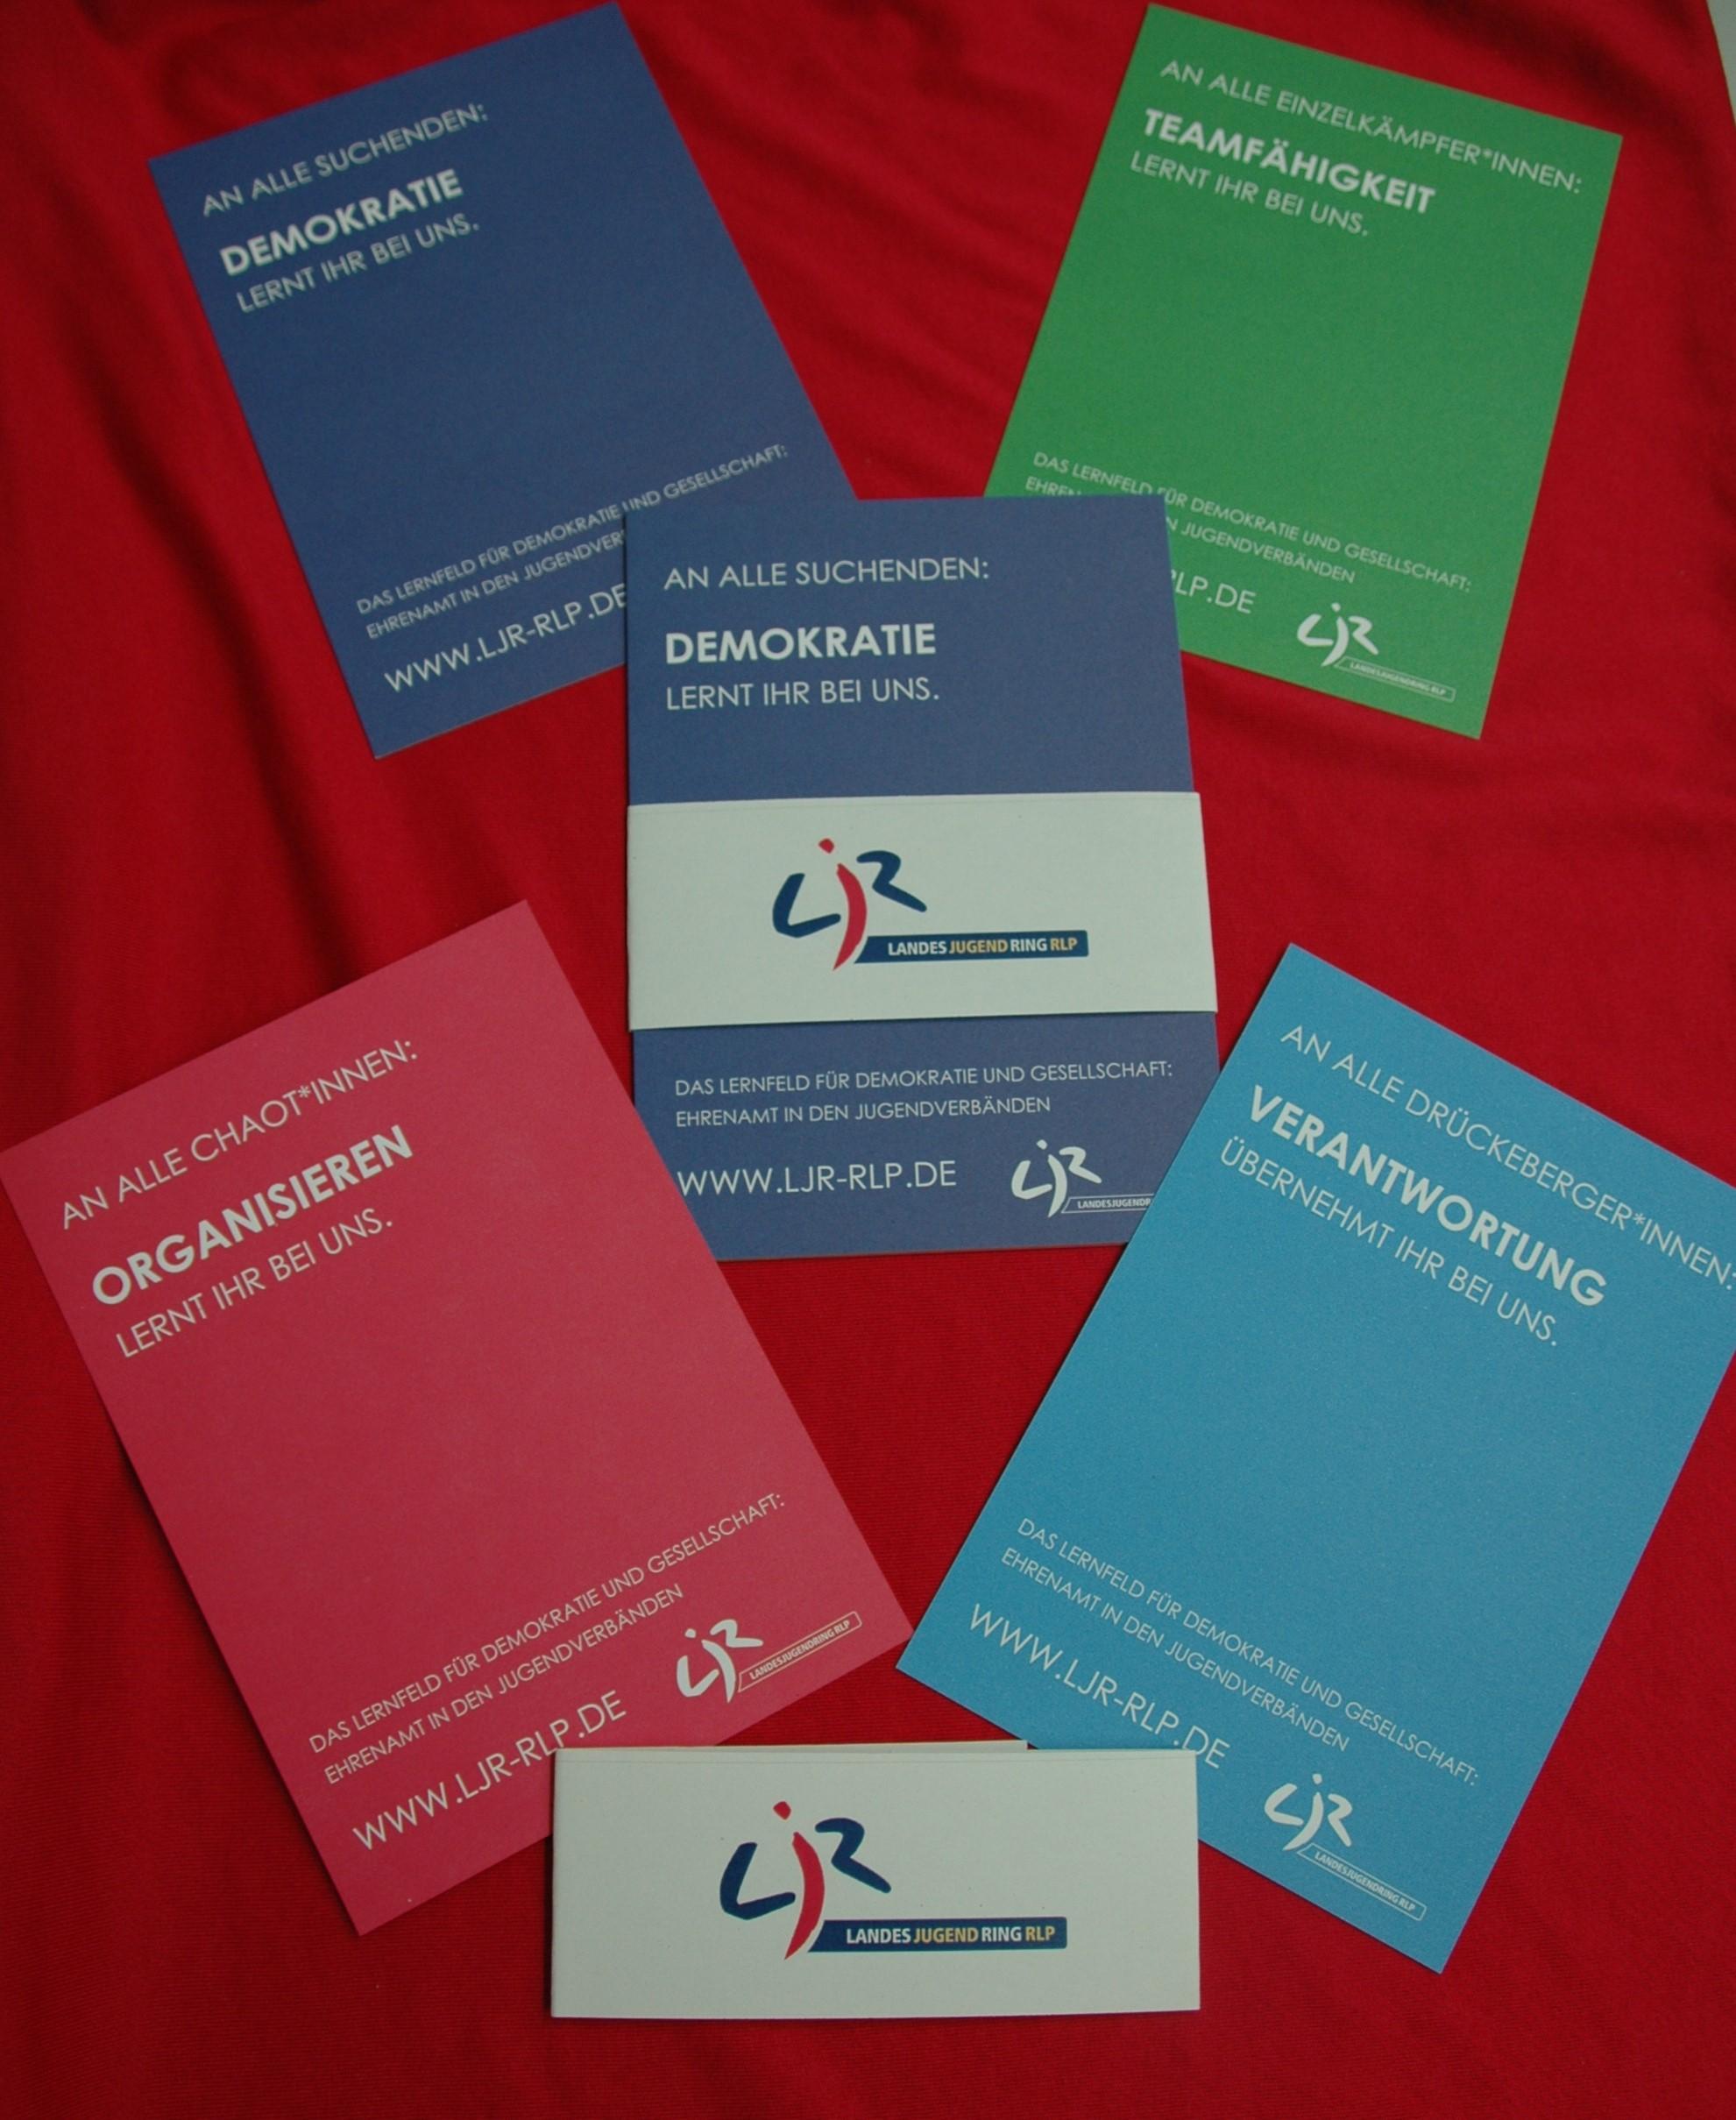 Das Lernfeld für Demokratie und Gesellschaft: Ehrenamt in den Jugendverbänden (Postkarten 4x)